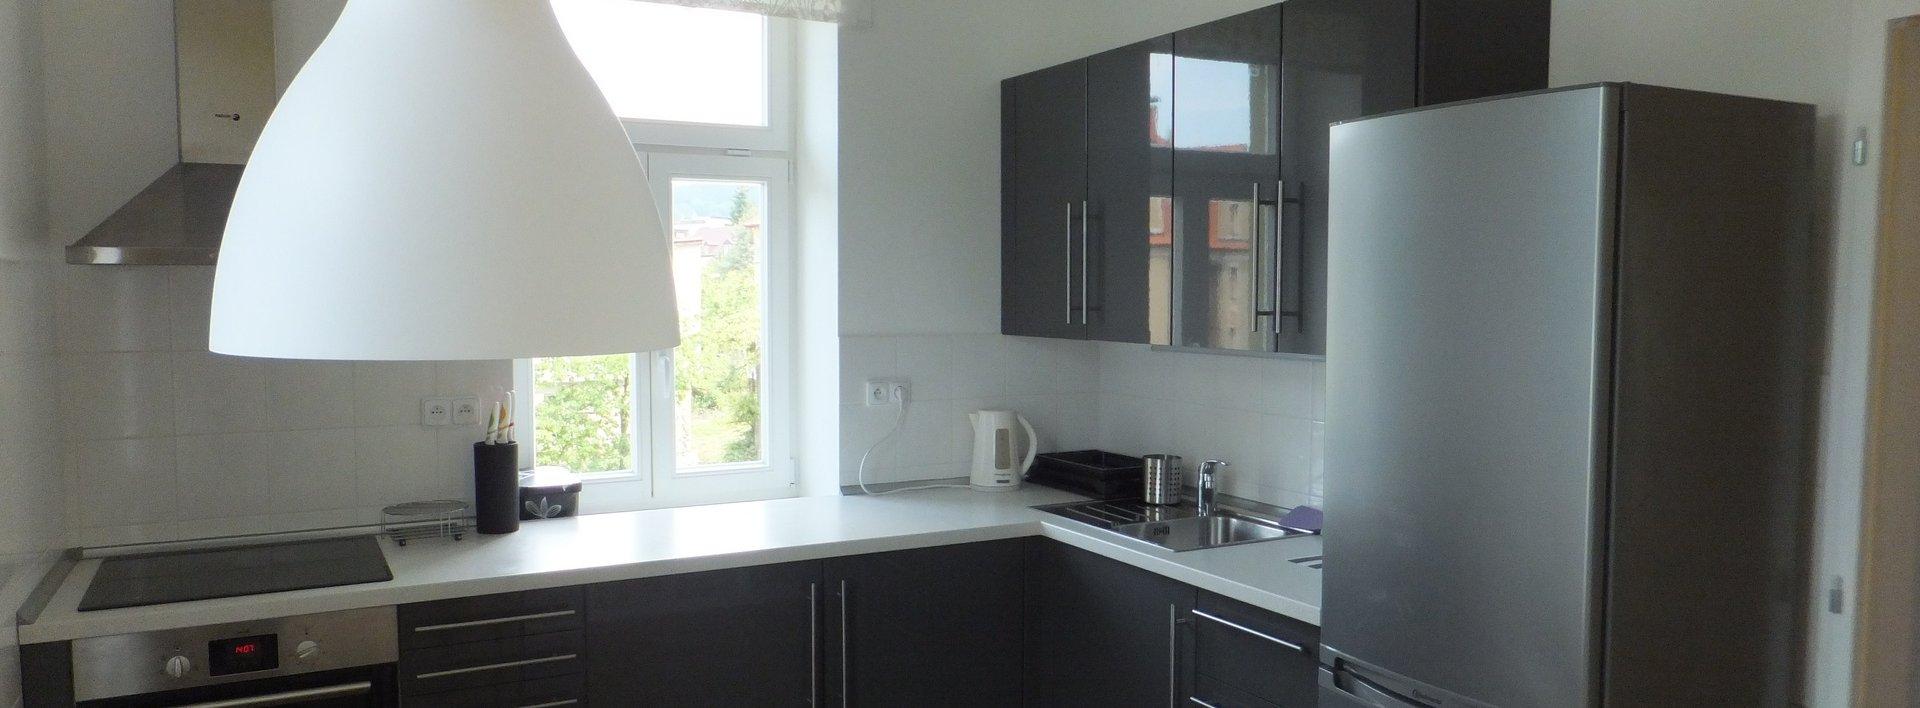 Pronájem bytu ve vile 2+1, 65 m² - Liberec, Staré Město, ul. Kozinova, Ev.č.: N48159